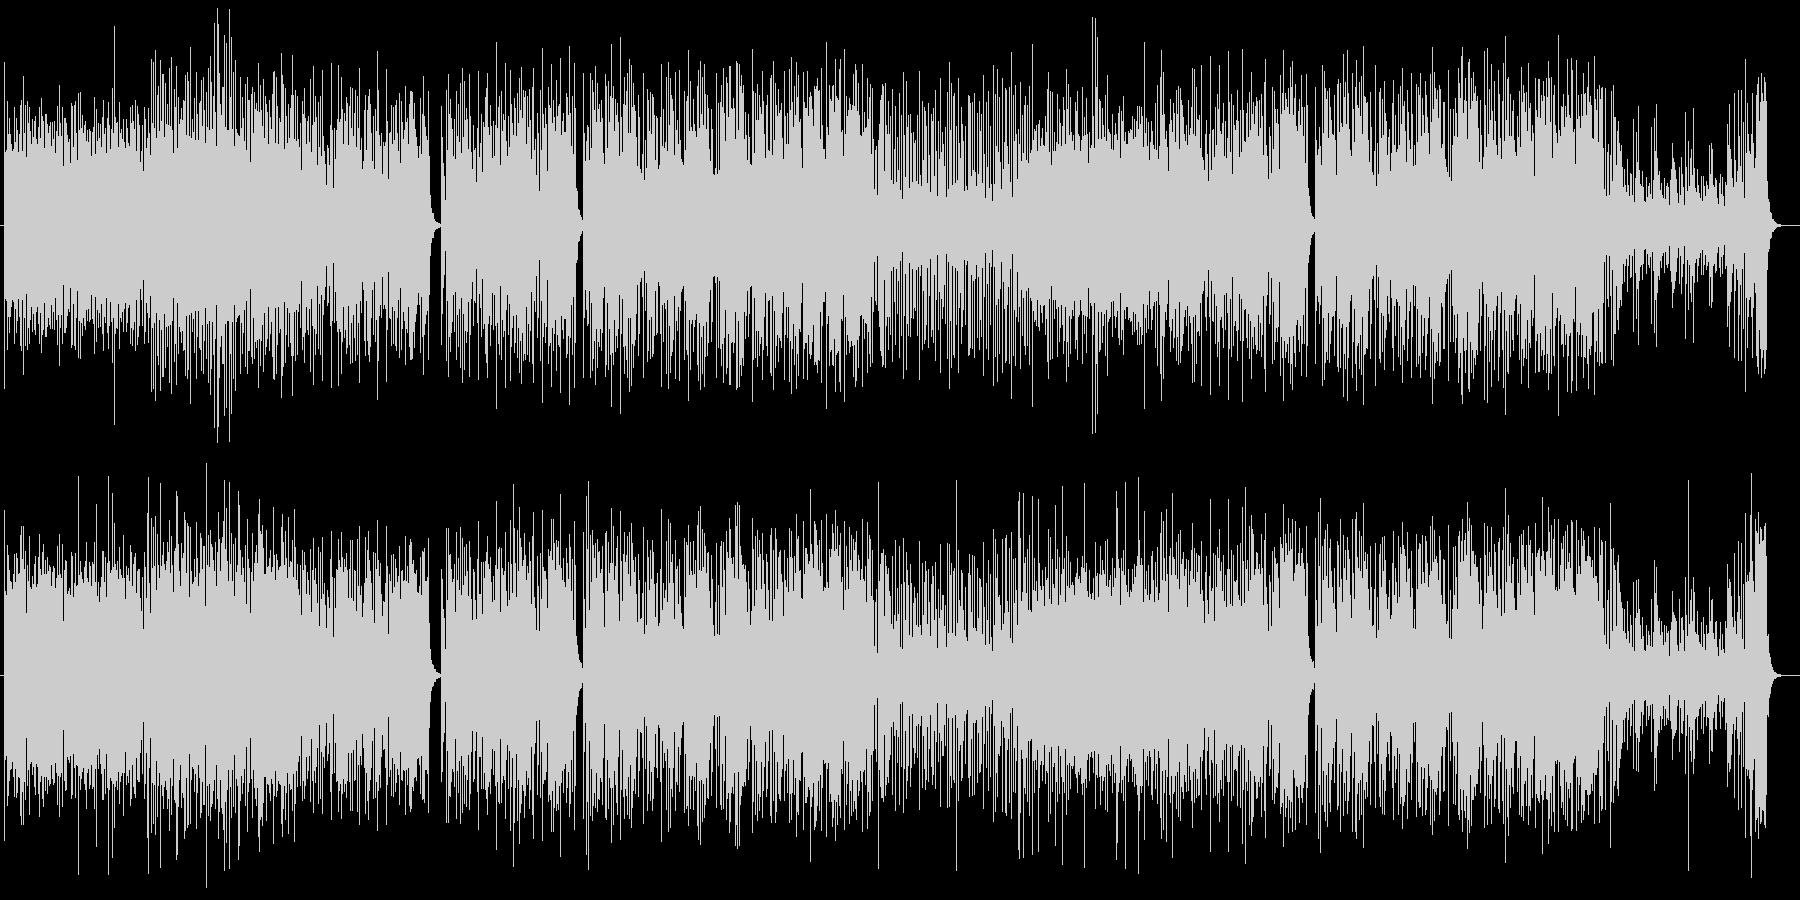 リズミカルでムーディーなピアノラテン系曲の未再生の波形